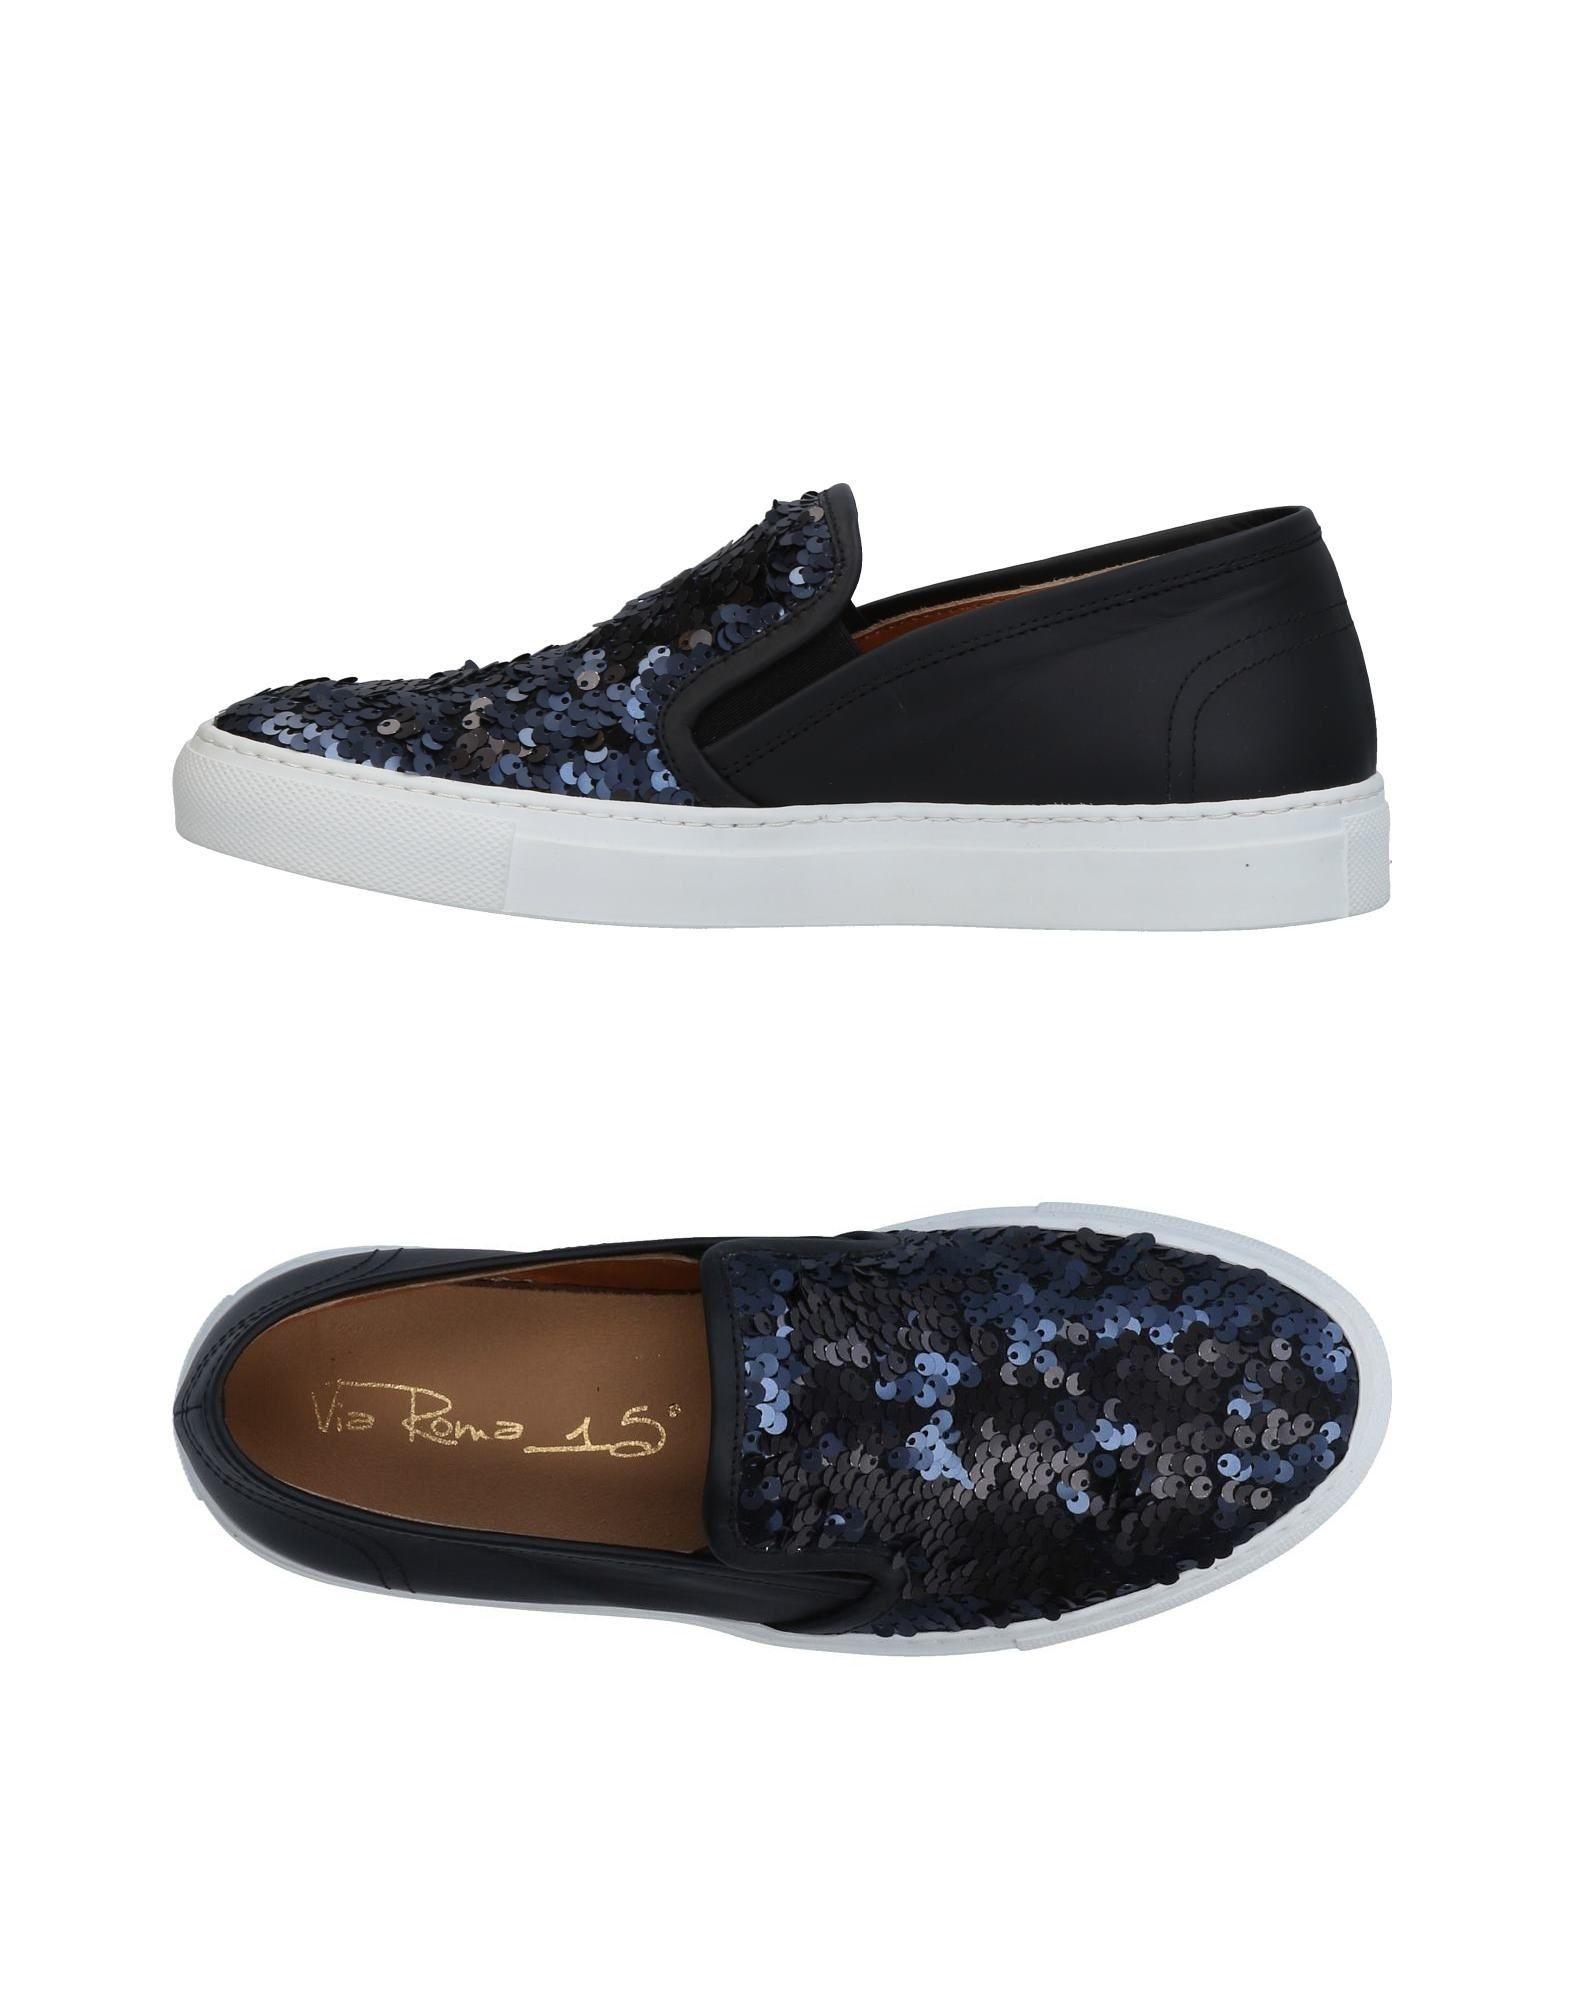 Via Roma 15 Sneakers Damen  11455925QG Gute Qualität beliebte Schuhe